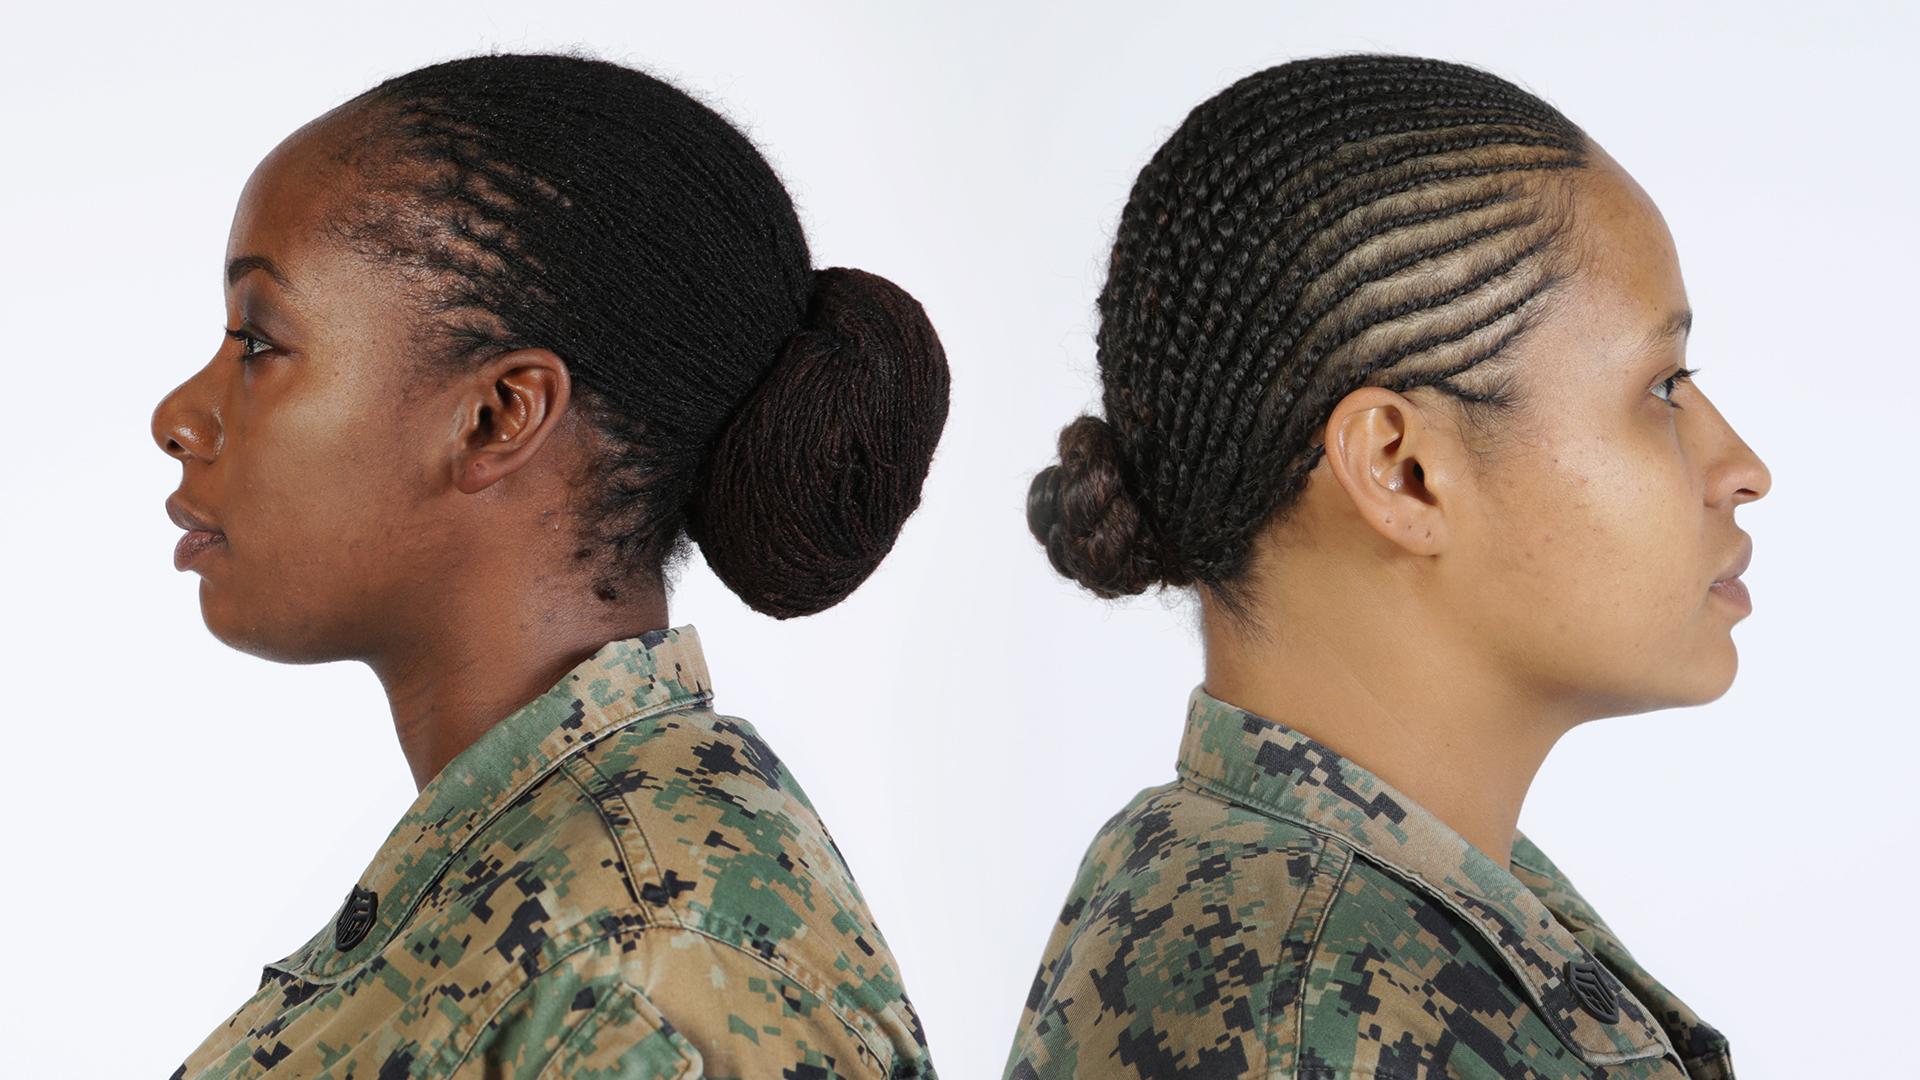 Marine Corps Ball Hairstyles